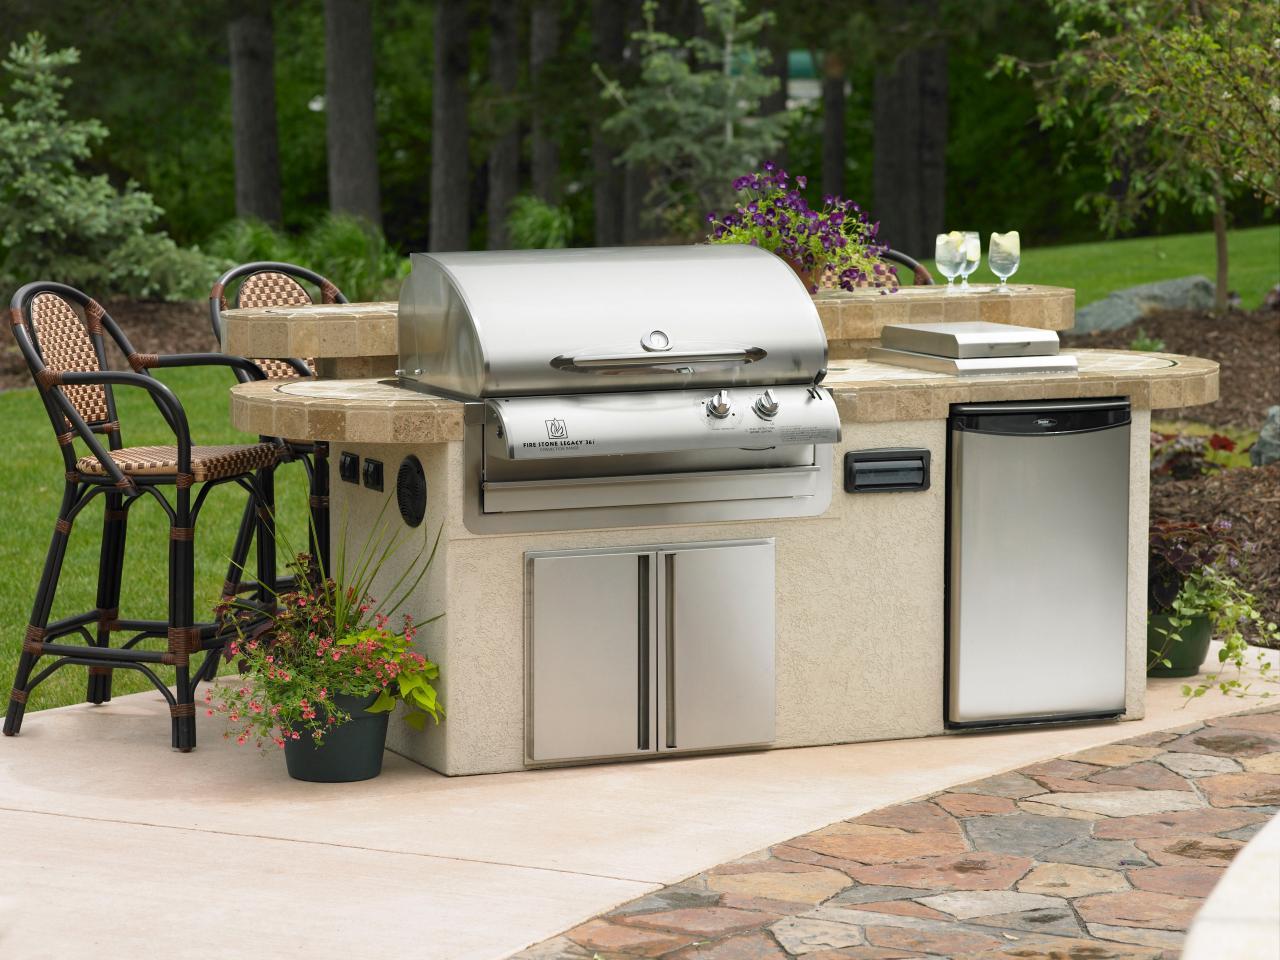 outdoor kitchen grills photo - 1